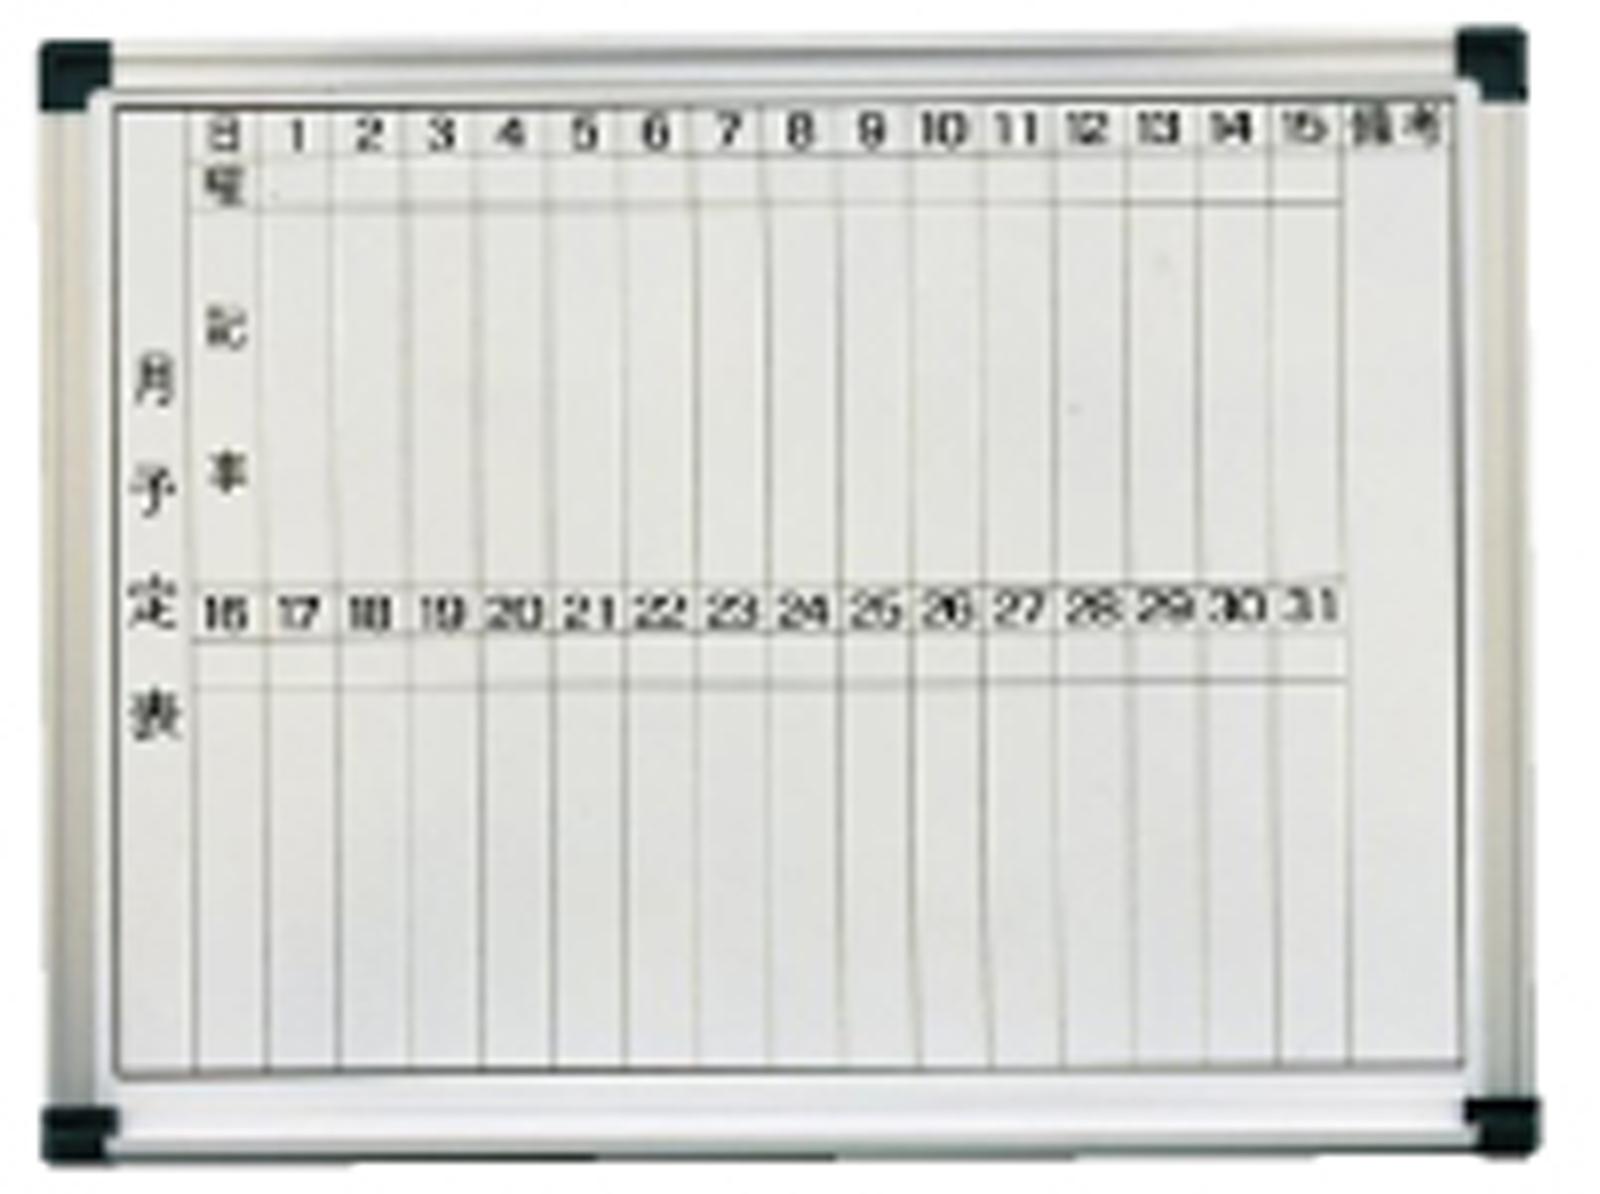 壁掛用ホーローホワイト 月予定表 HM609 【インテリア 店舗備品 レジ周り 事務用品 業務用 販売 通販】 [7-2513-0702 6-2385-0802 ]